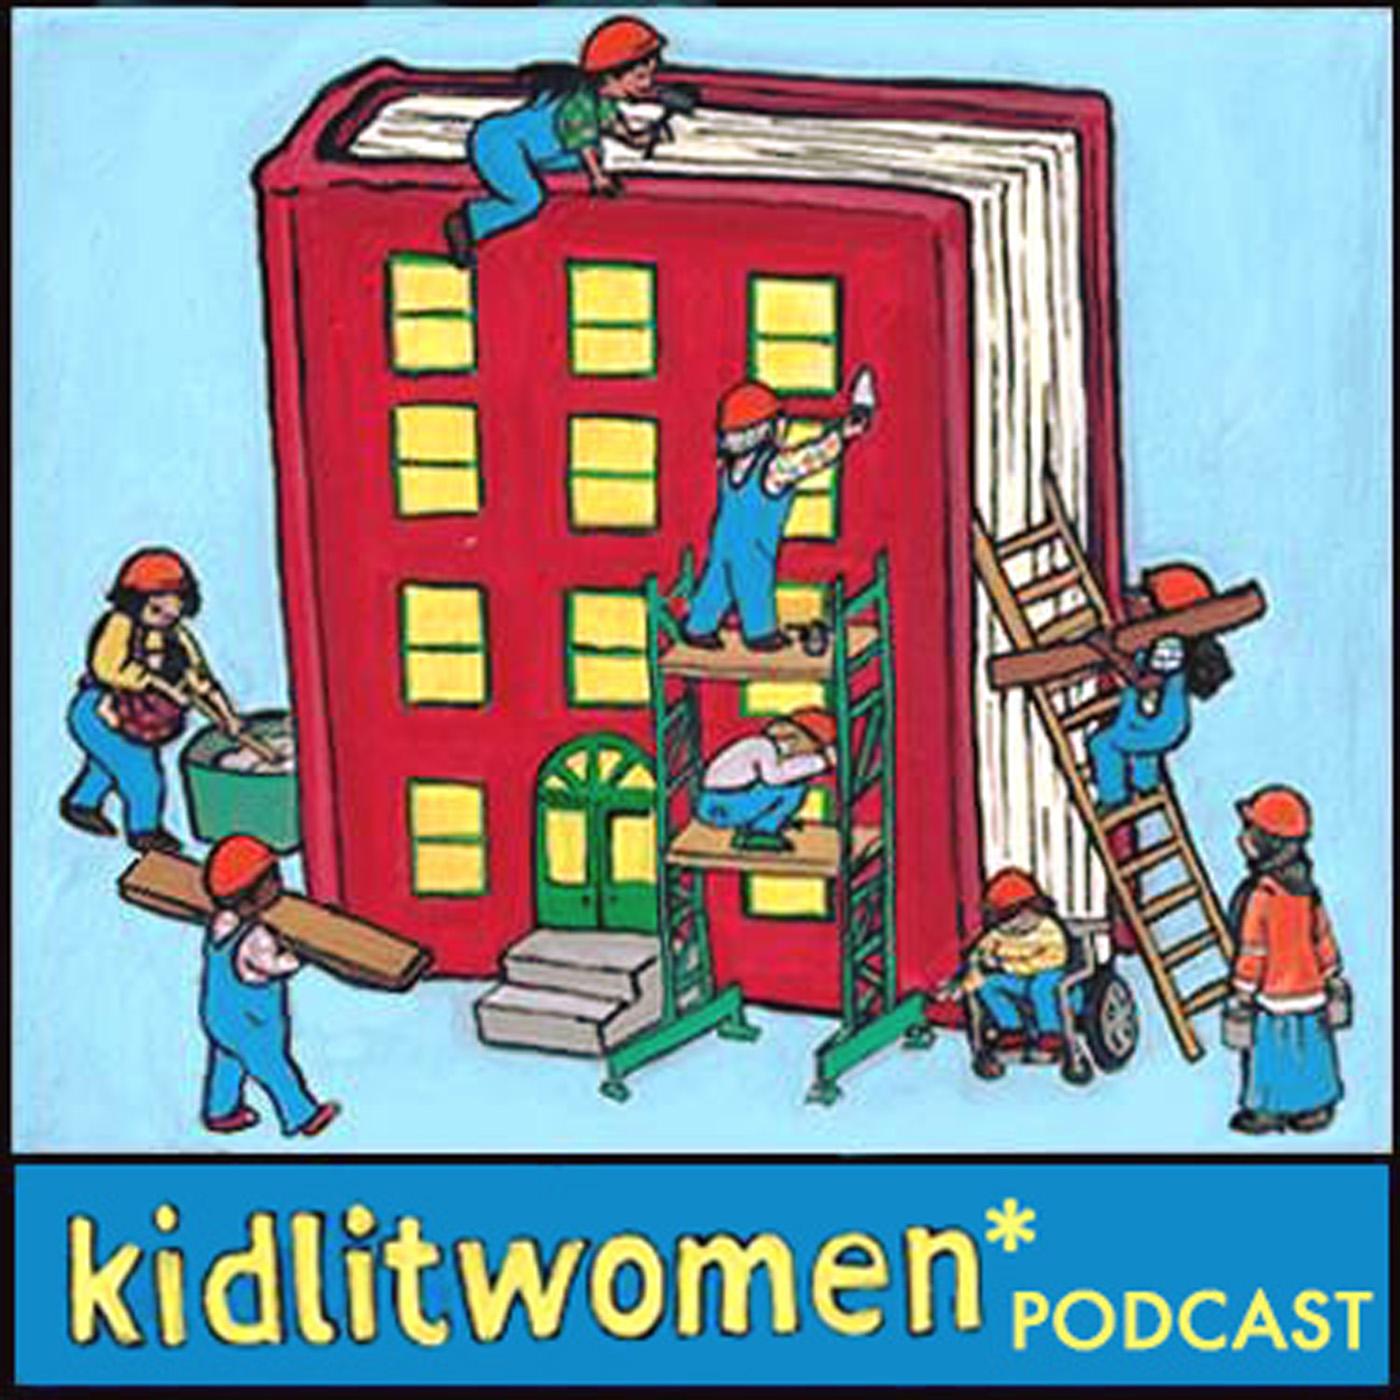 kidlit women* podcast show art